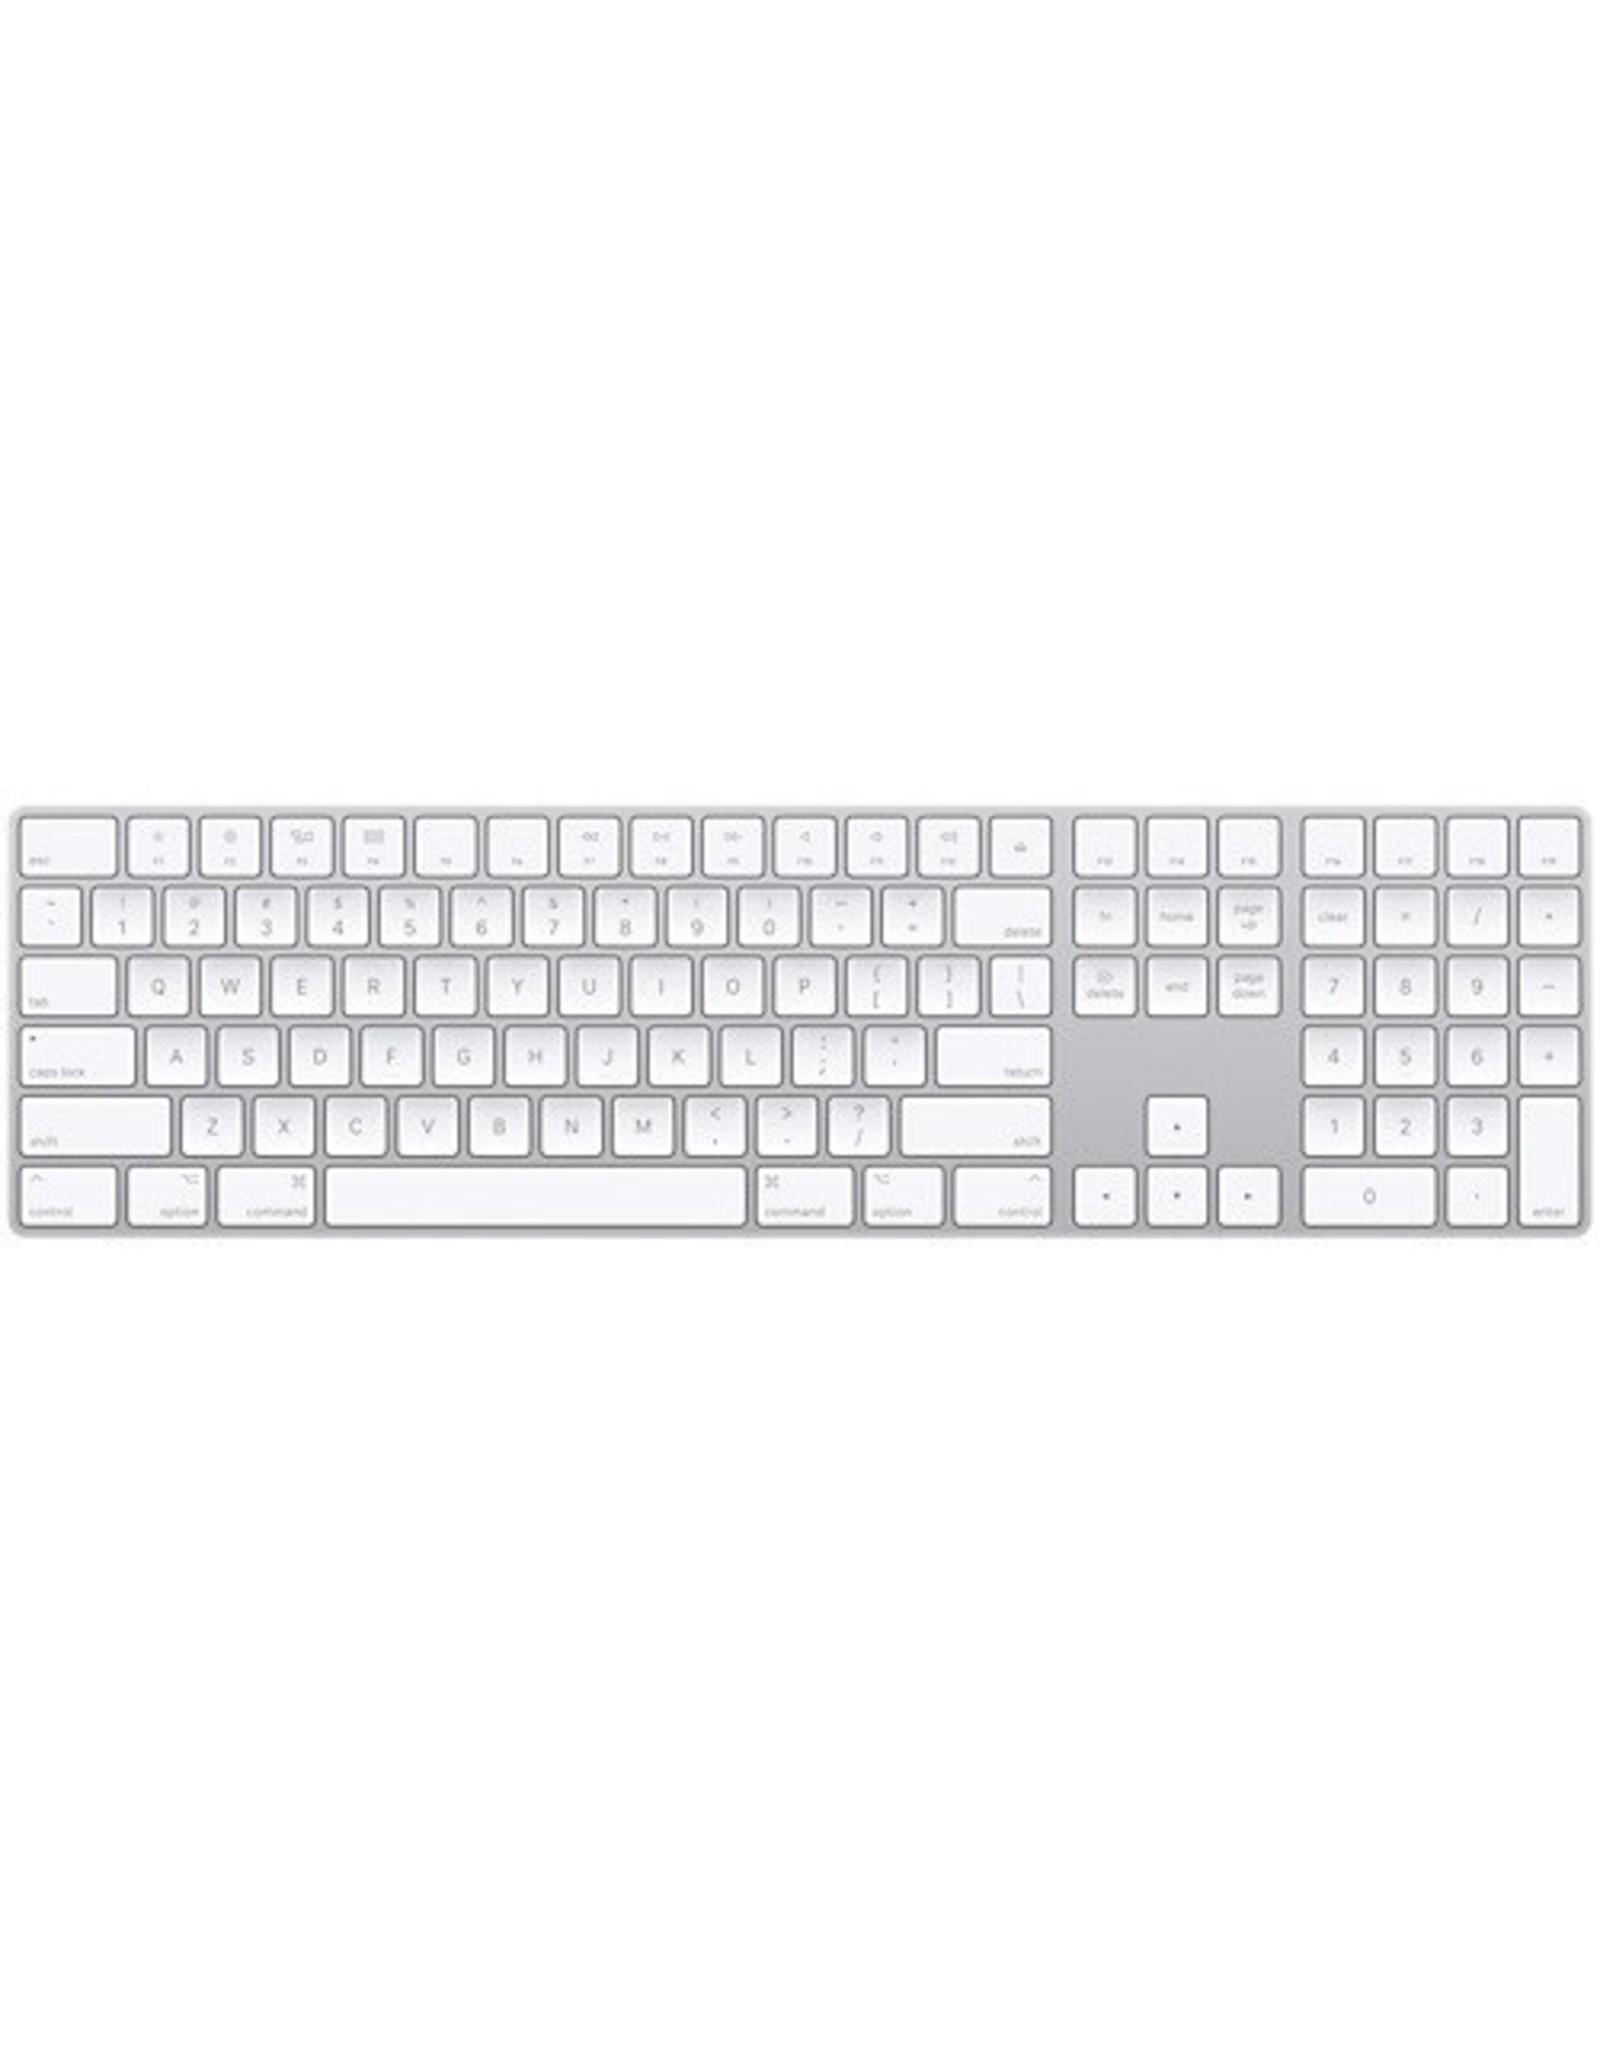 Apple Inst. Magic Keyboard with Numeric Keypad - US English